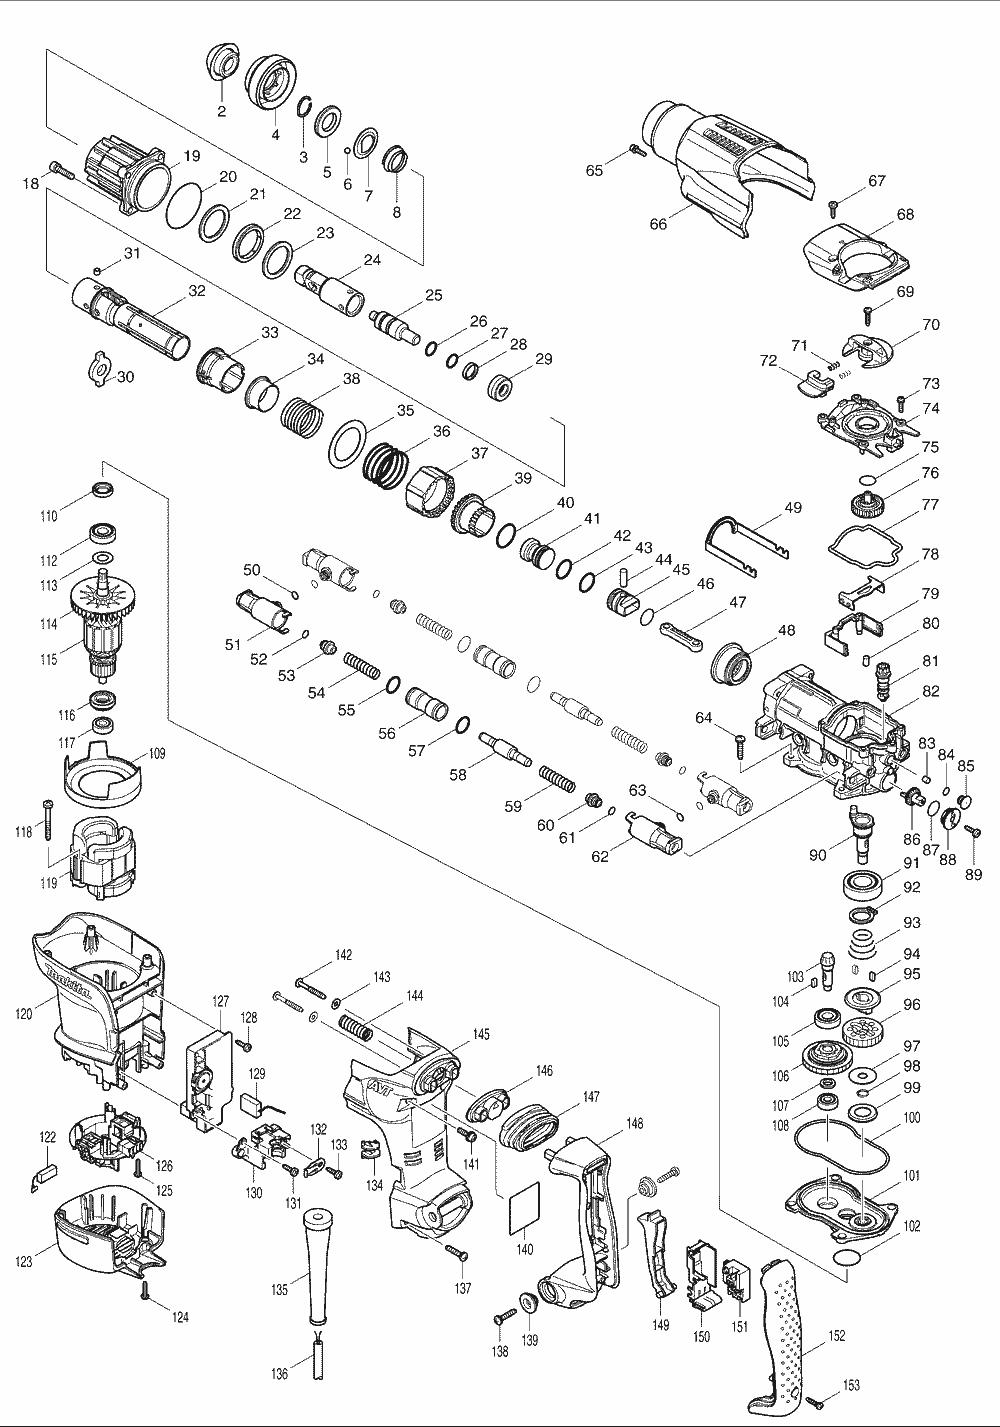 hilti te 16 c manual